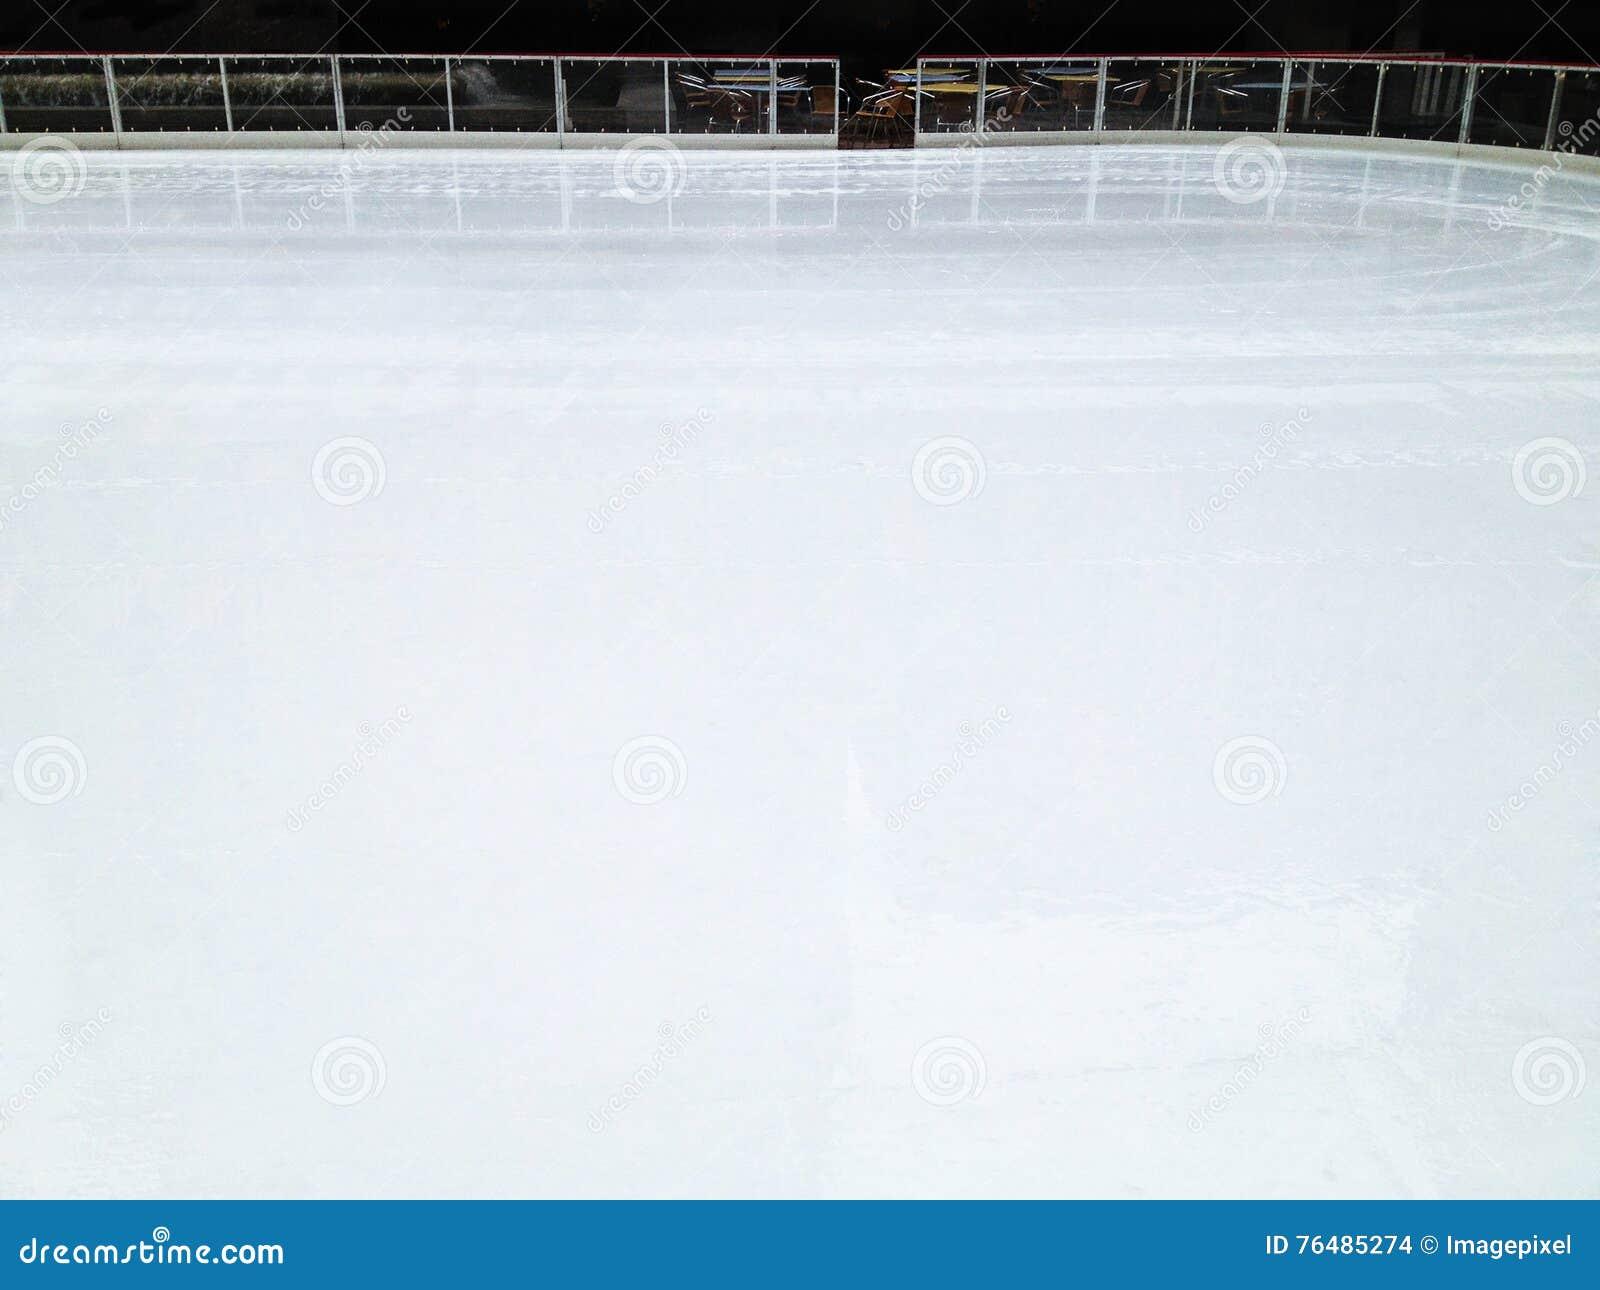 Fondo de la pista de hielo foto de archivo. Imagen de reflexión ...